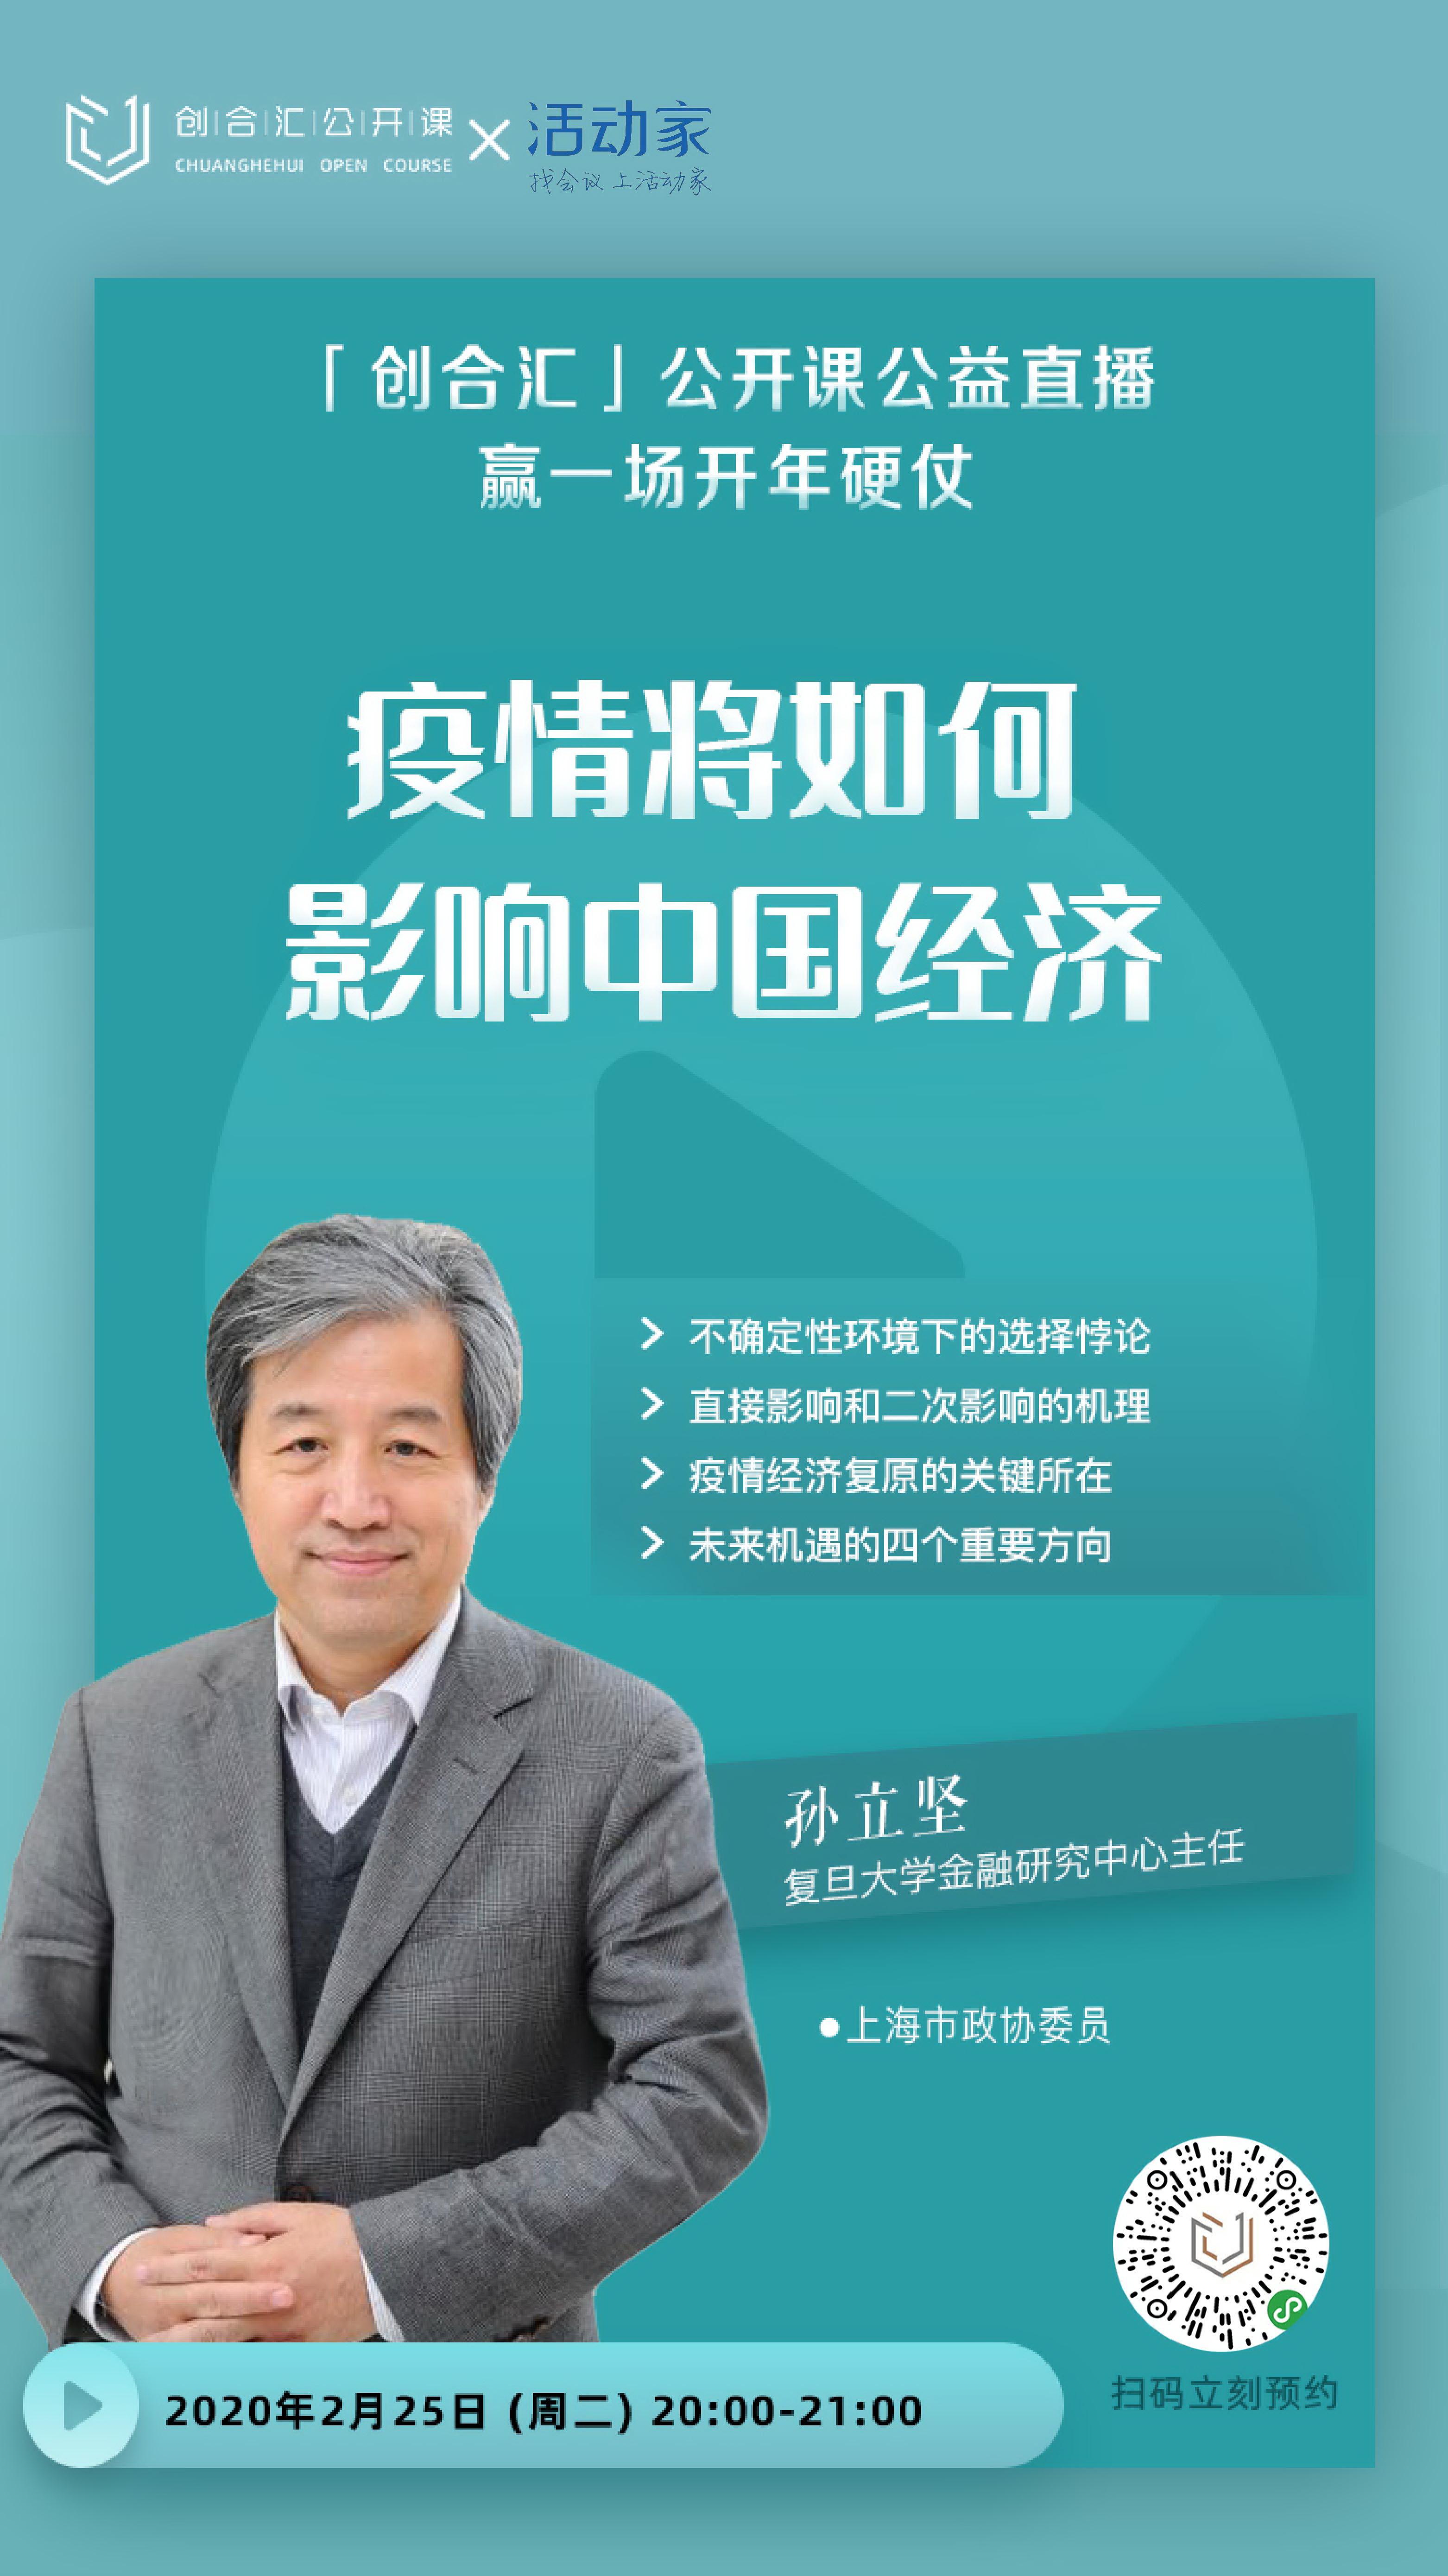 活动家携手创合汇直播—《疫情将如何影响中国经济》